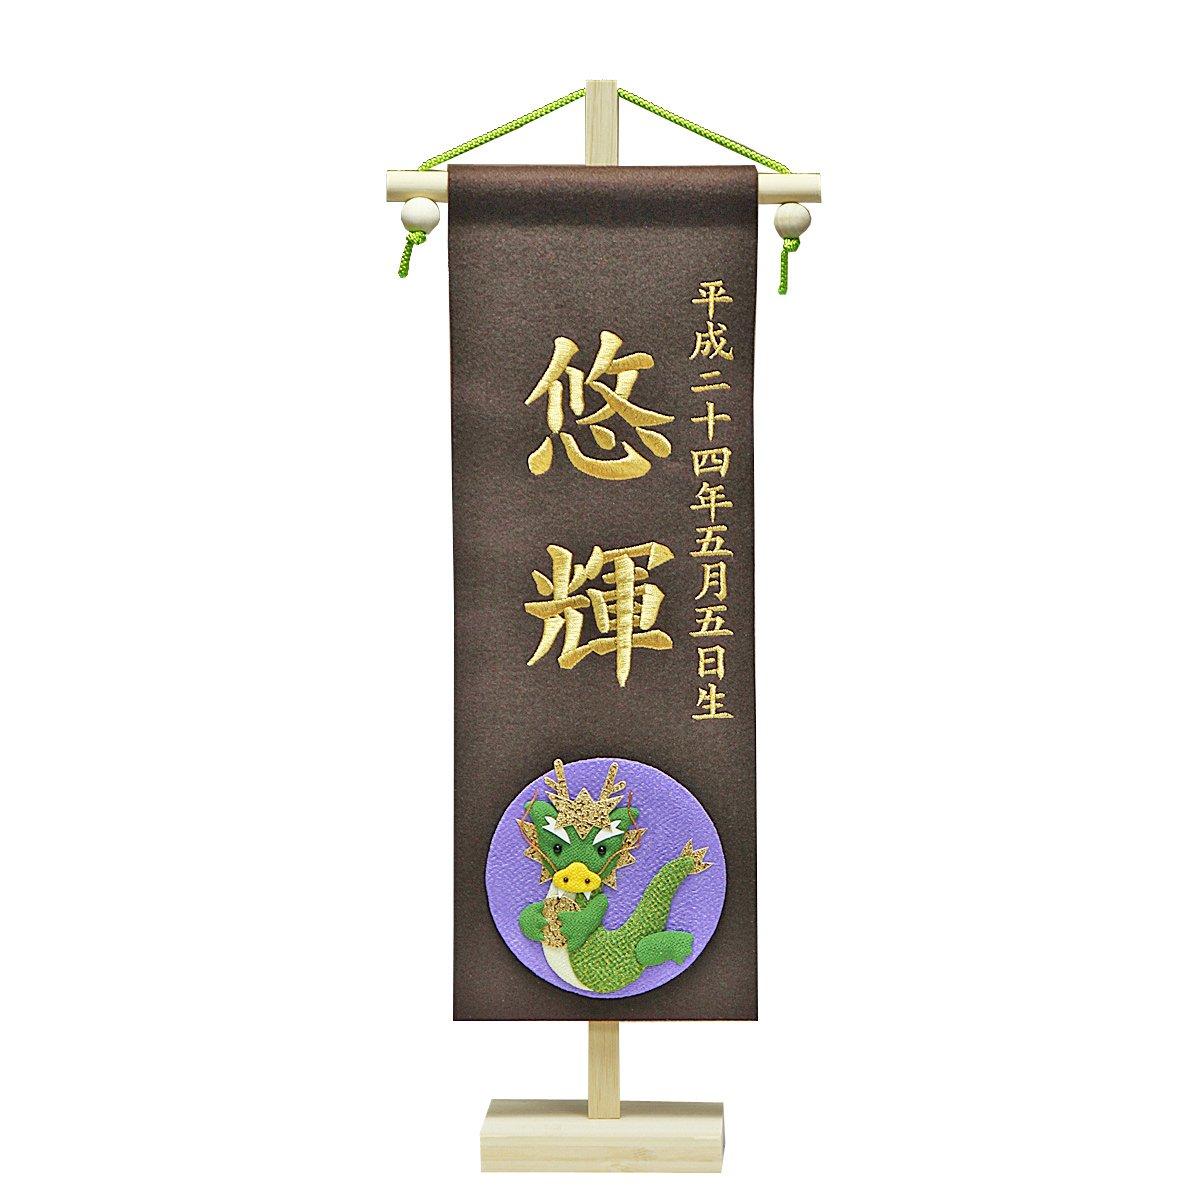 名前旗-昇龍宝珠-金刺繍 B00B6XLV58